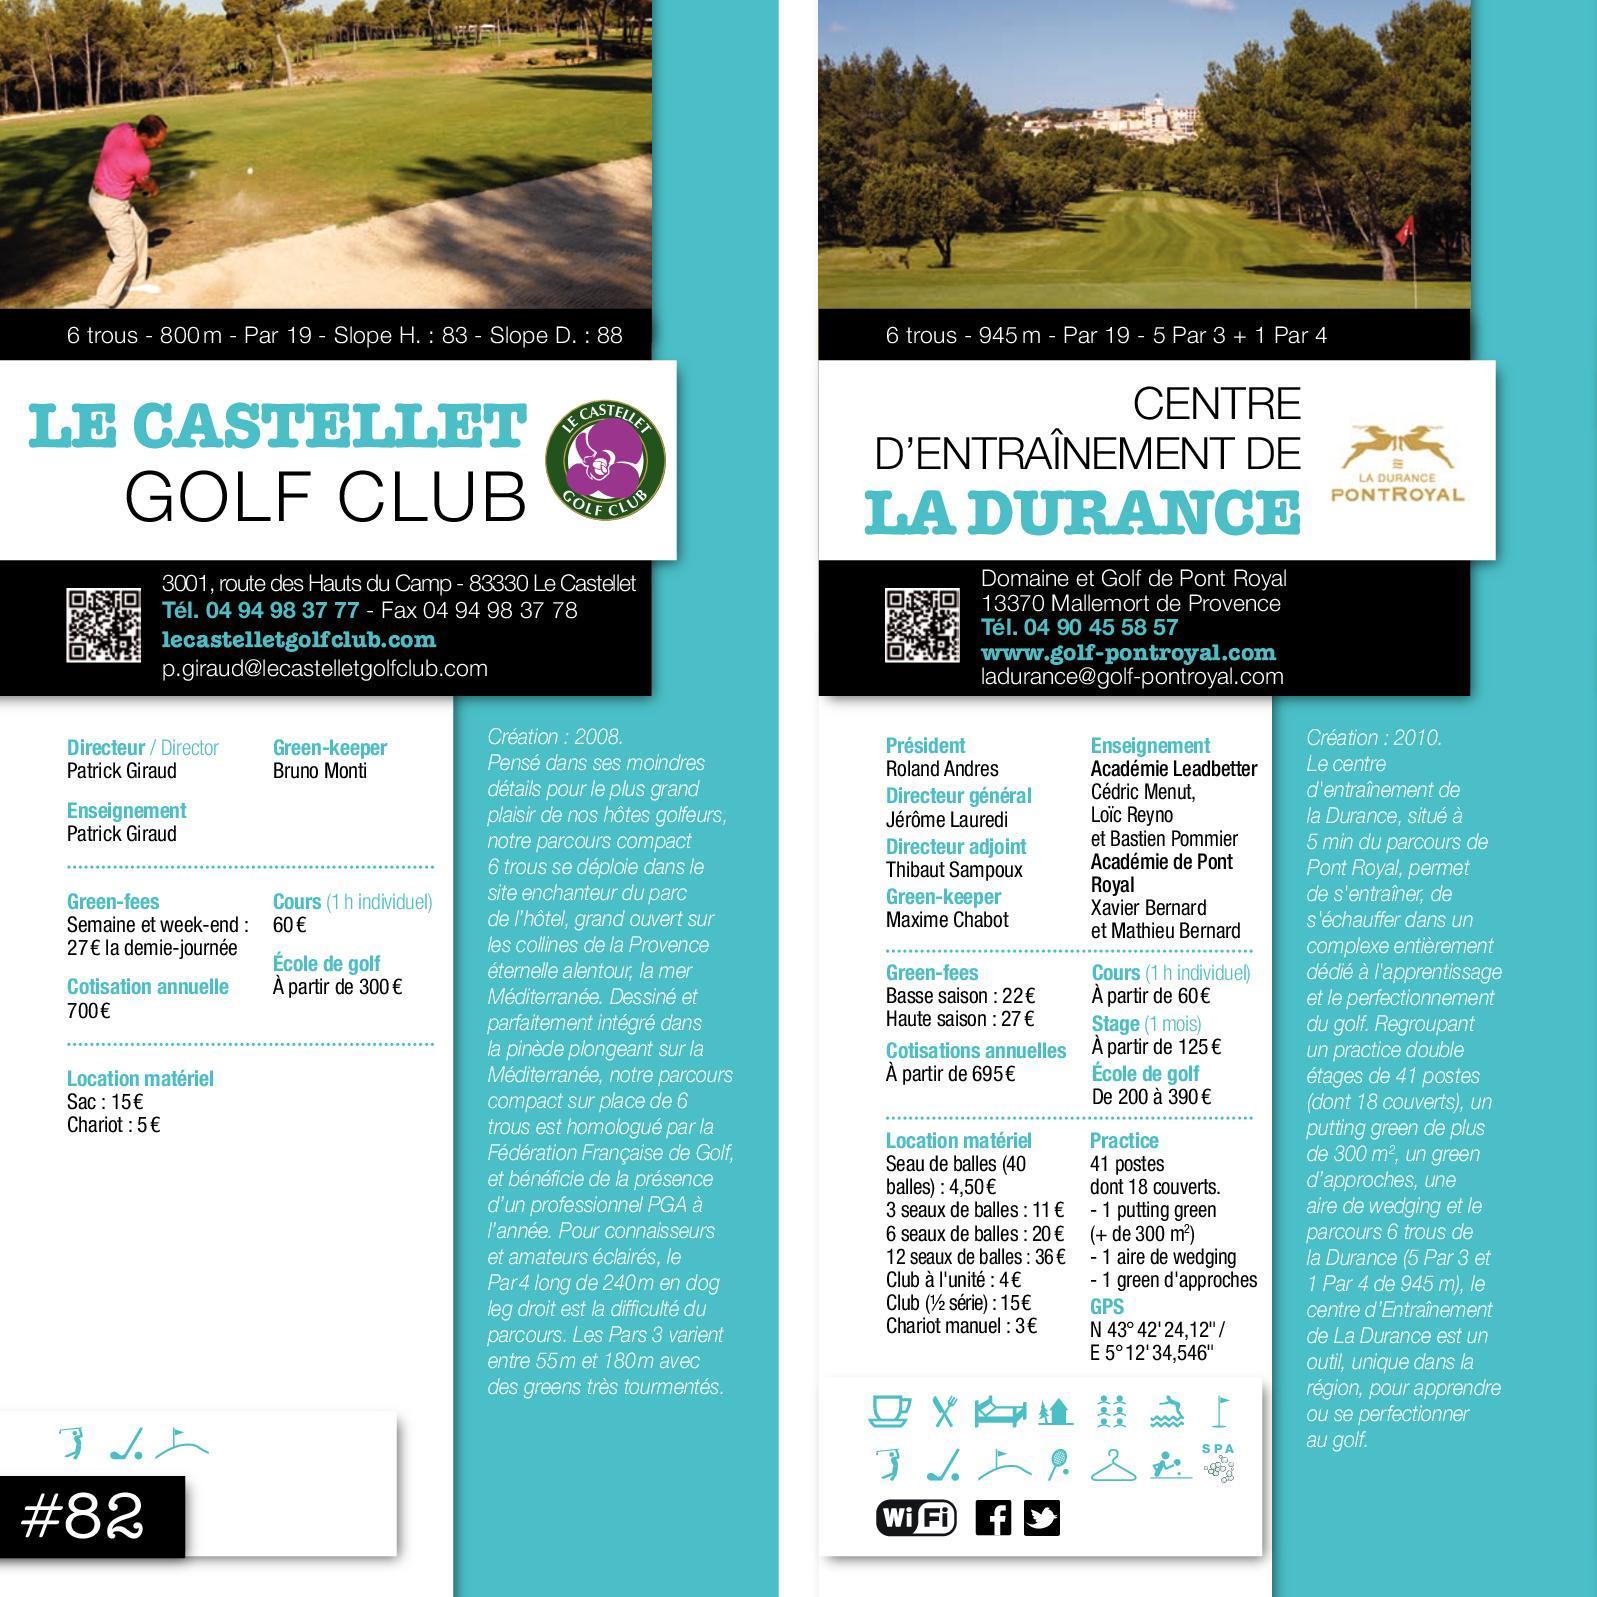 Guide Des Golfs Paca 2018 Calameo Downloader